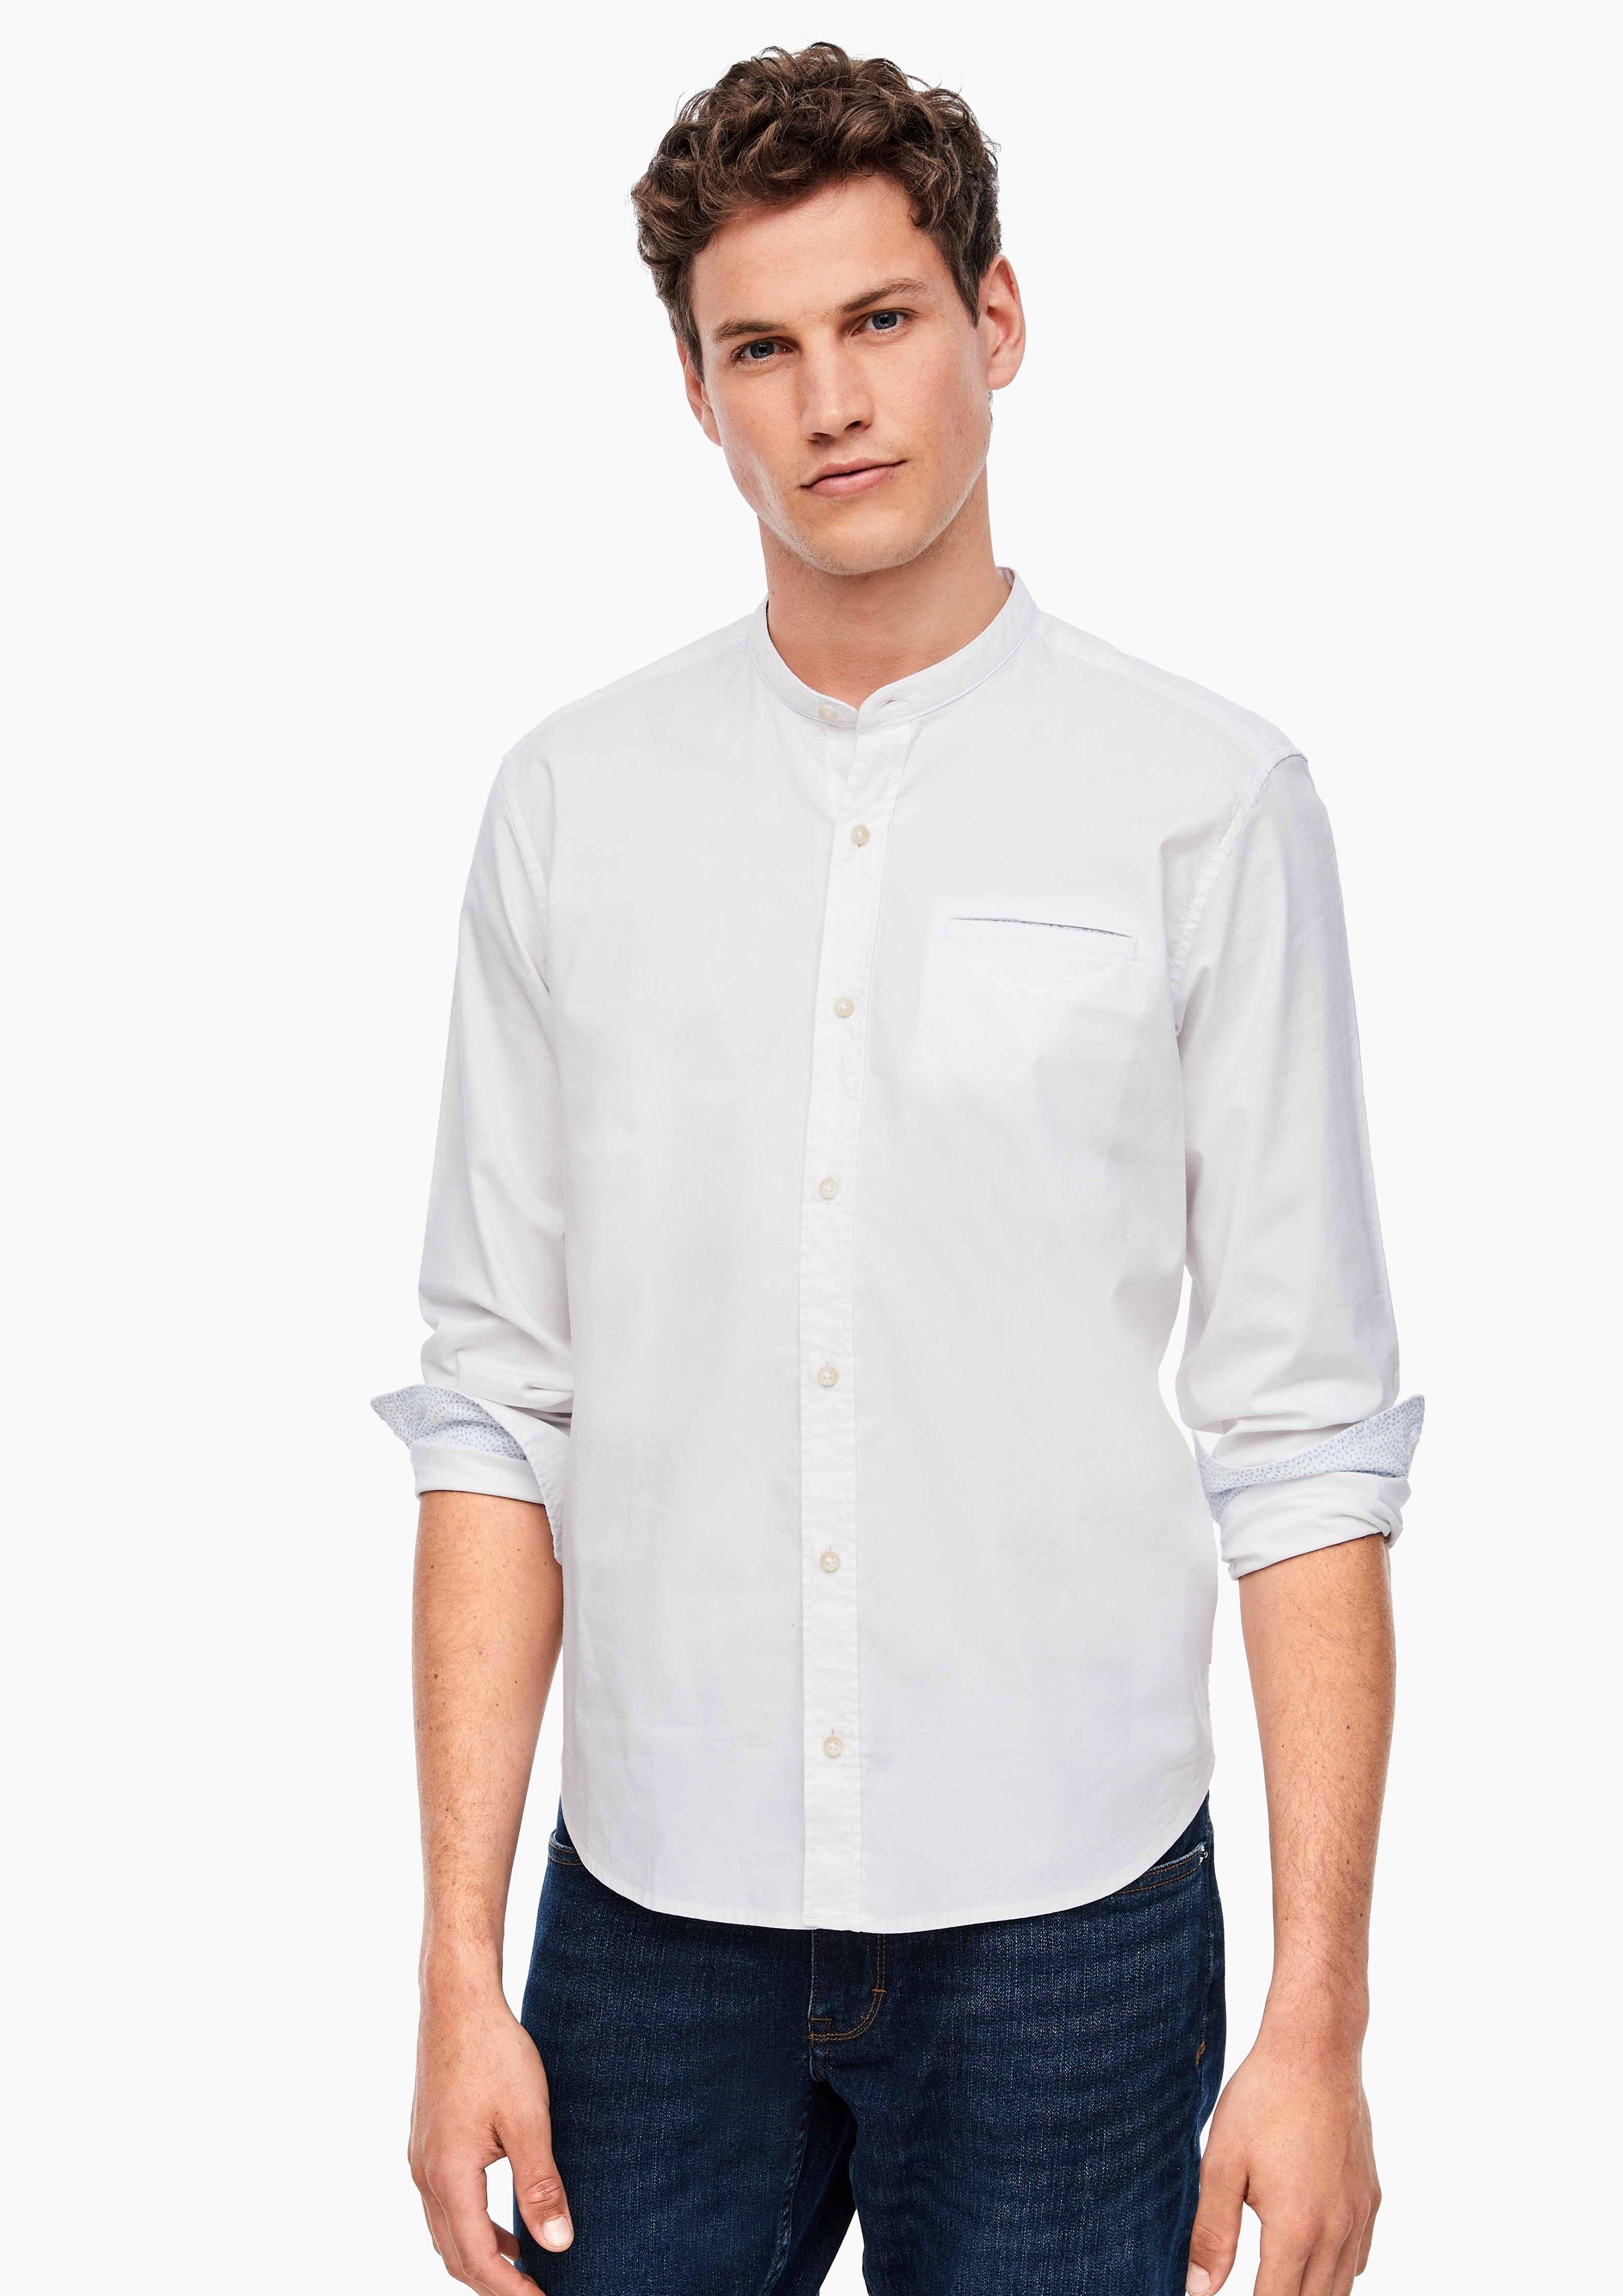 s.Oliver overhemd met lange mouwen - verschillende betaalmethodes